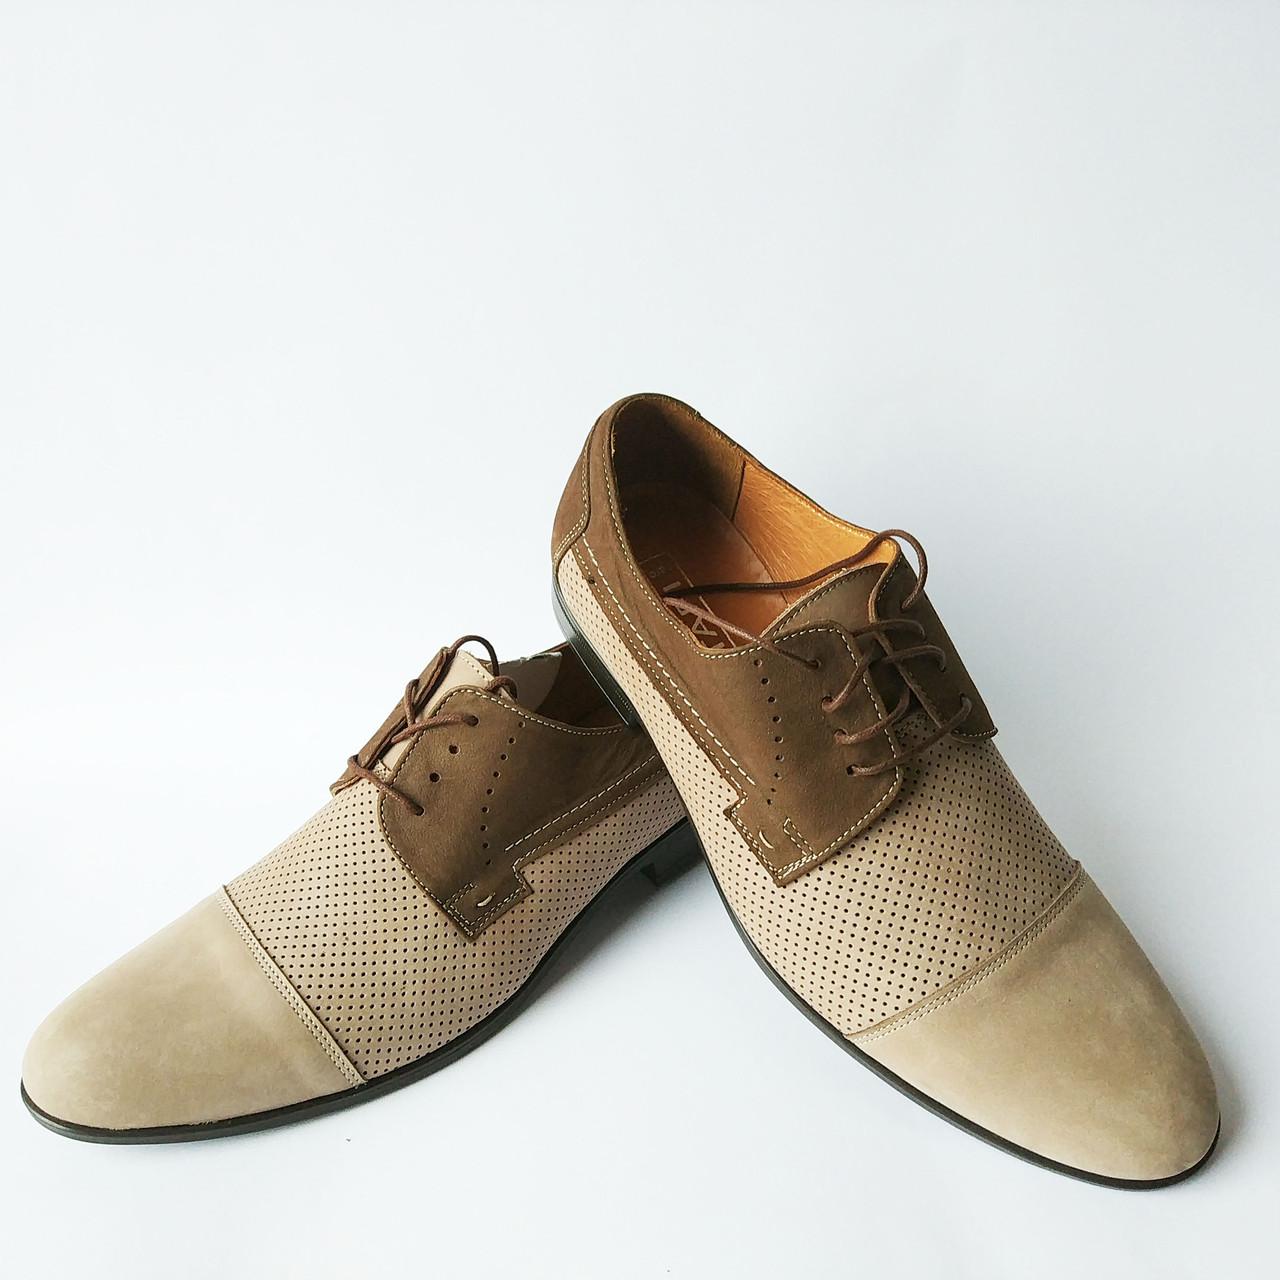 d1364e00d Купить стильную, качественную польскую обувь от Elite Tapi : мужские ...